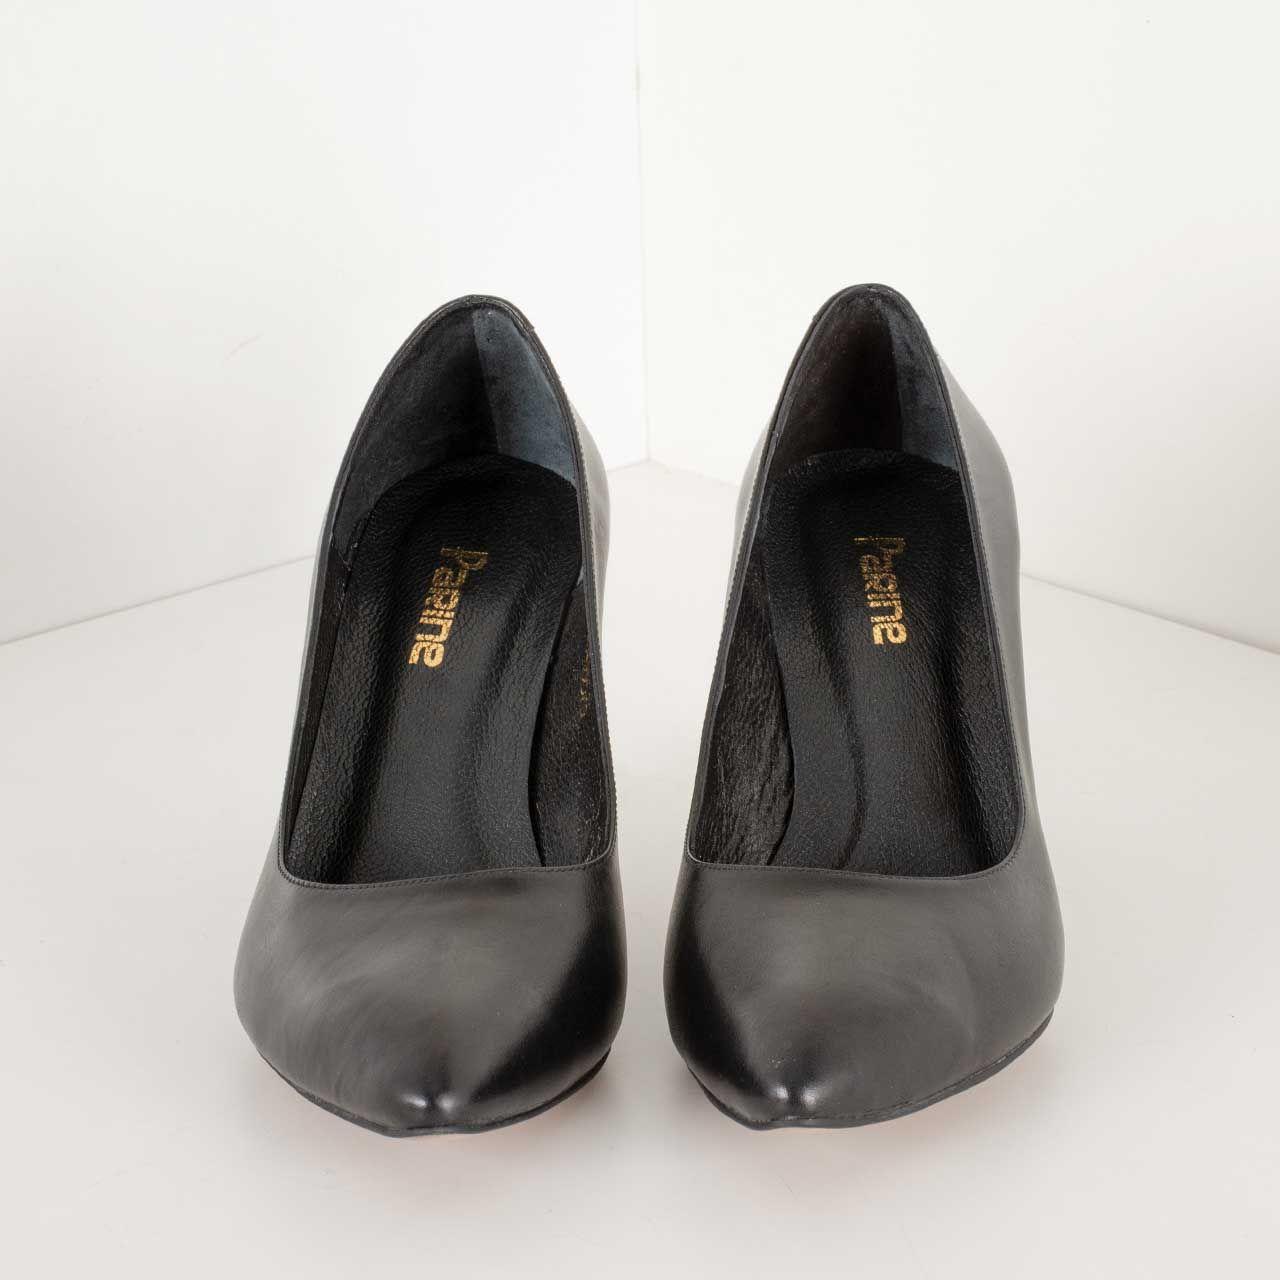 کفش زنانه پارینه چرم مدل show44 -  - 6